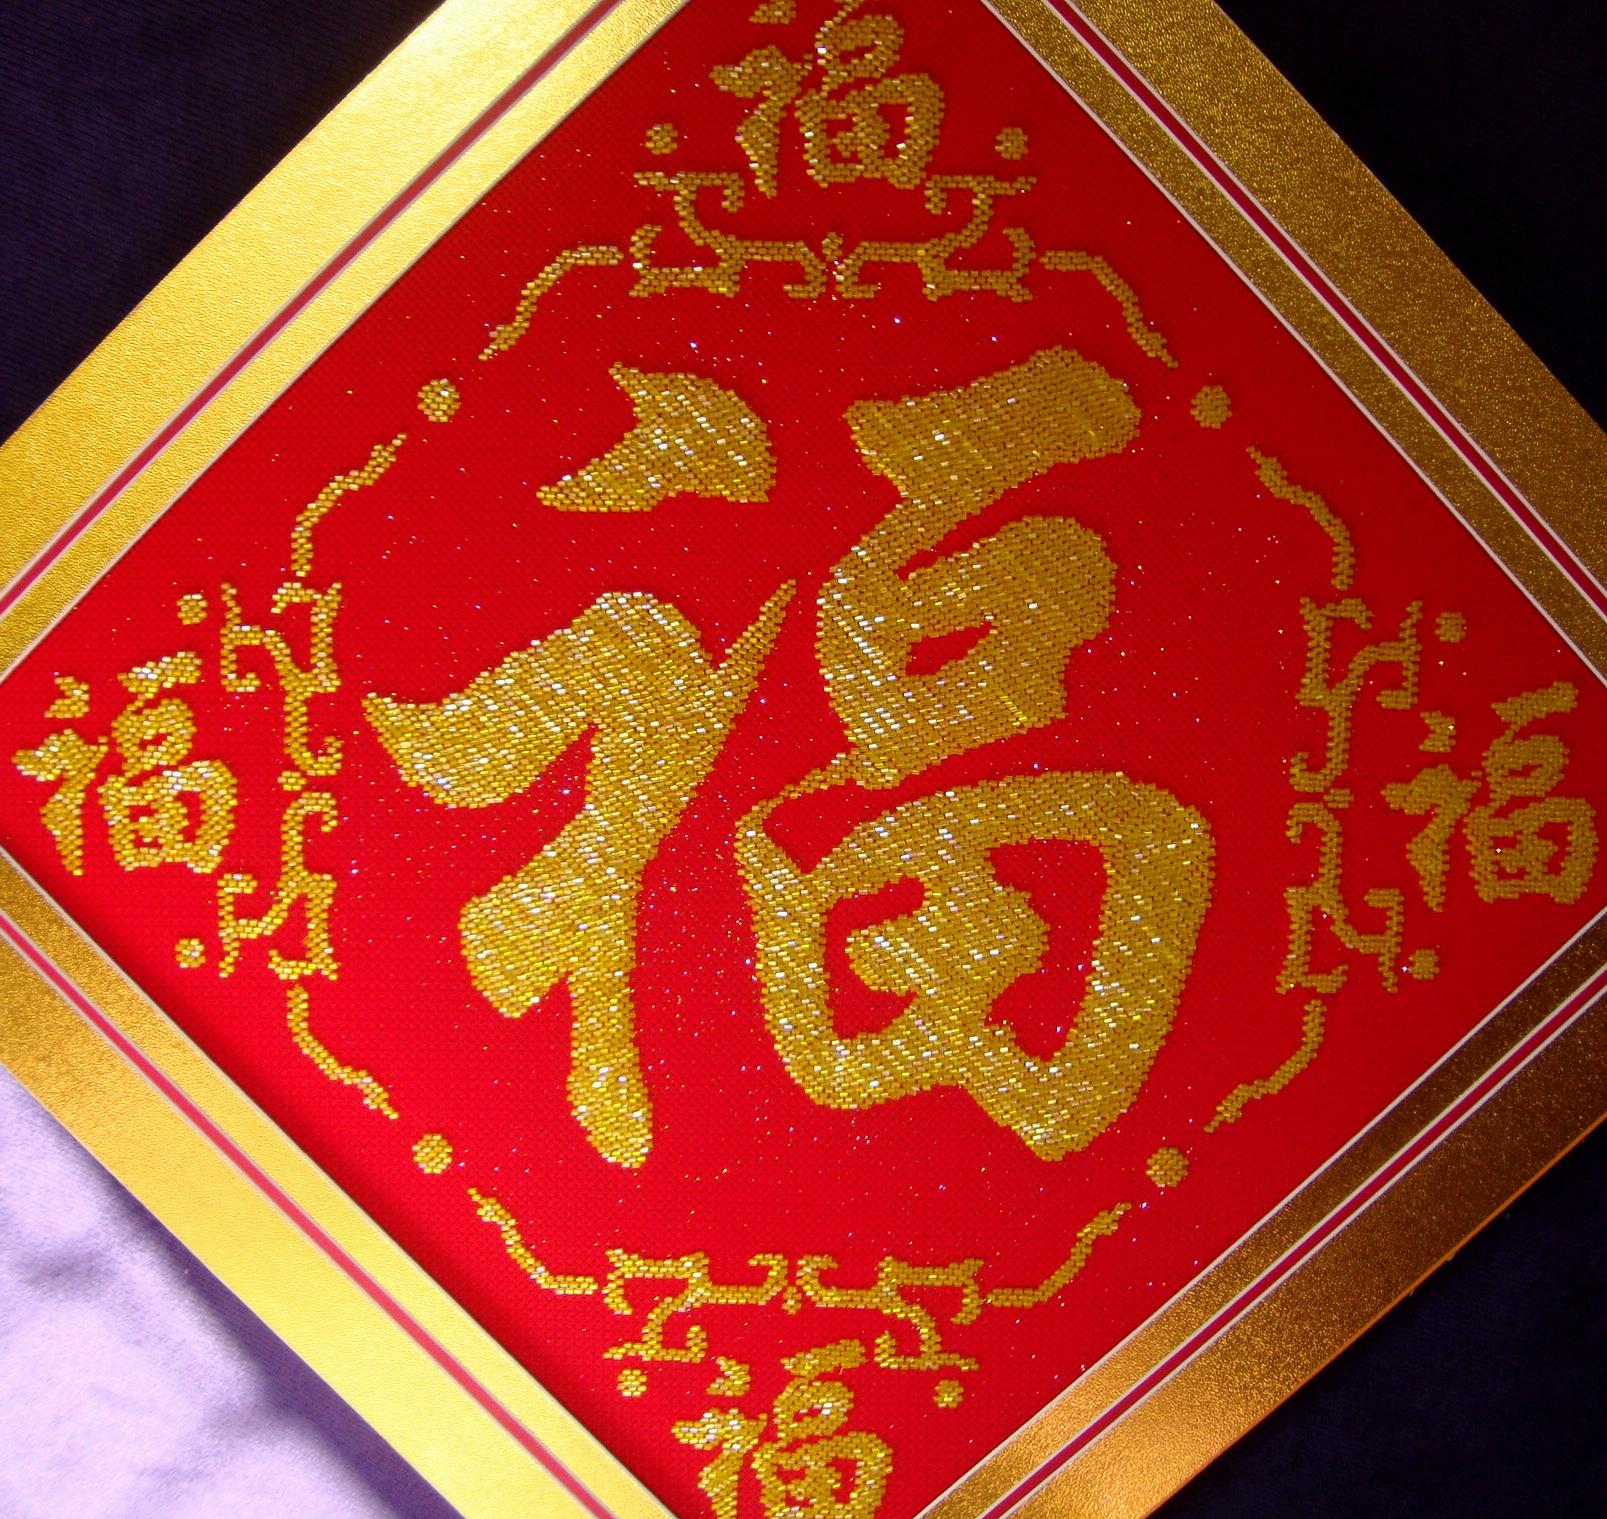 包邮 精准印布 印花 十字绣 珠子 全珠绣 福字 五福临门 60x60cm商品